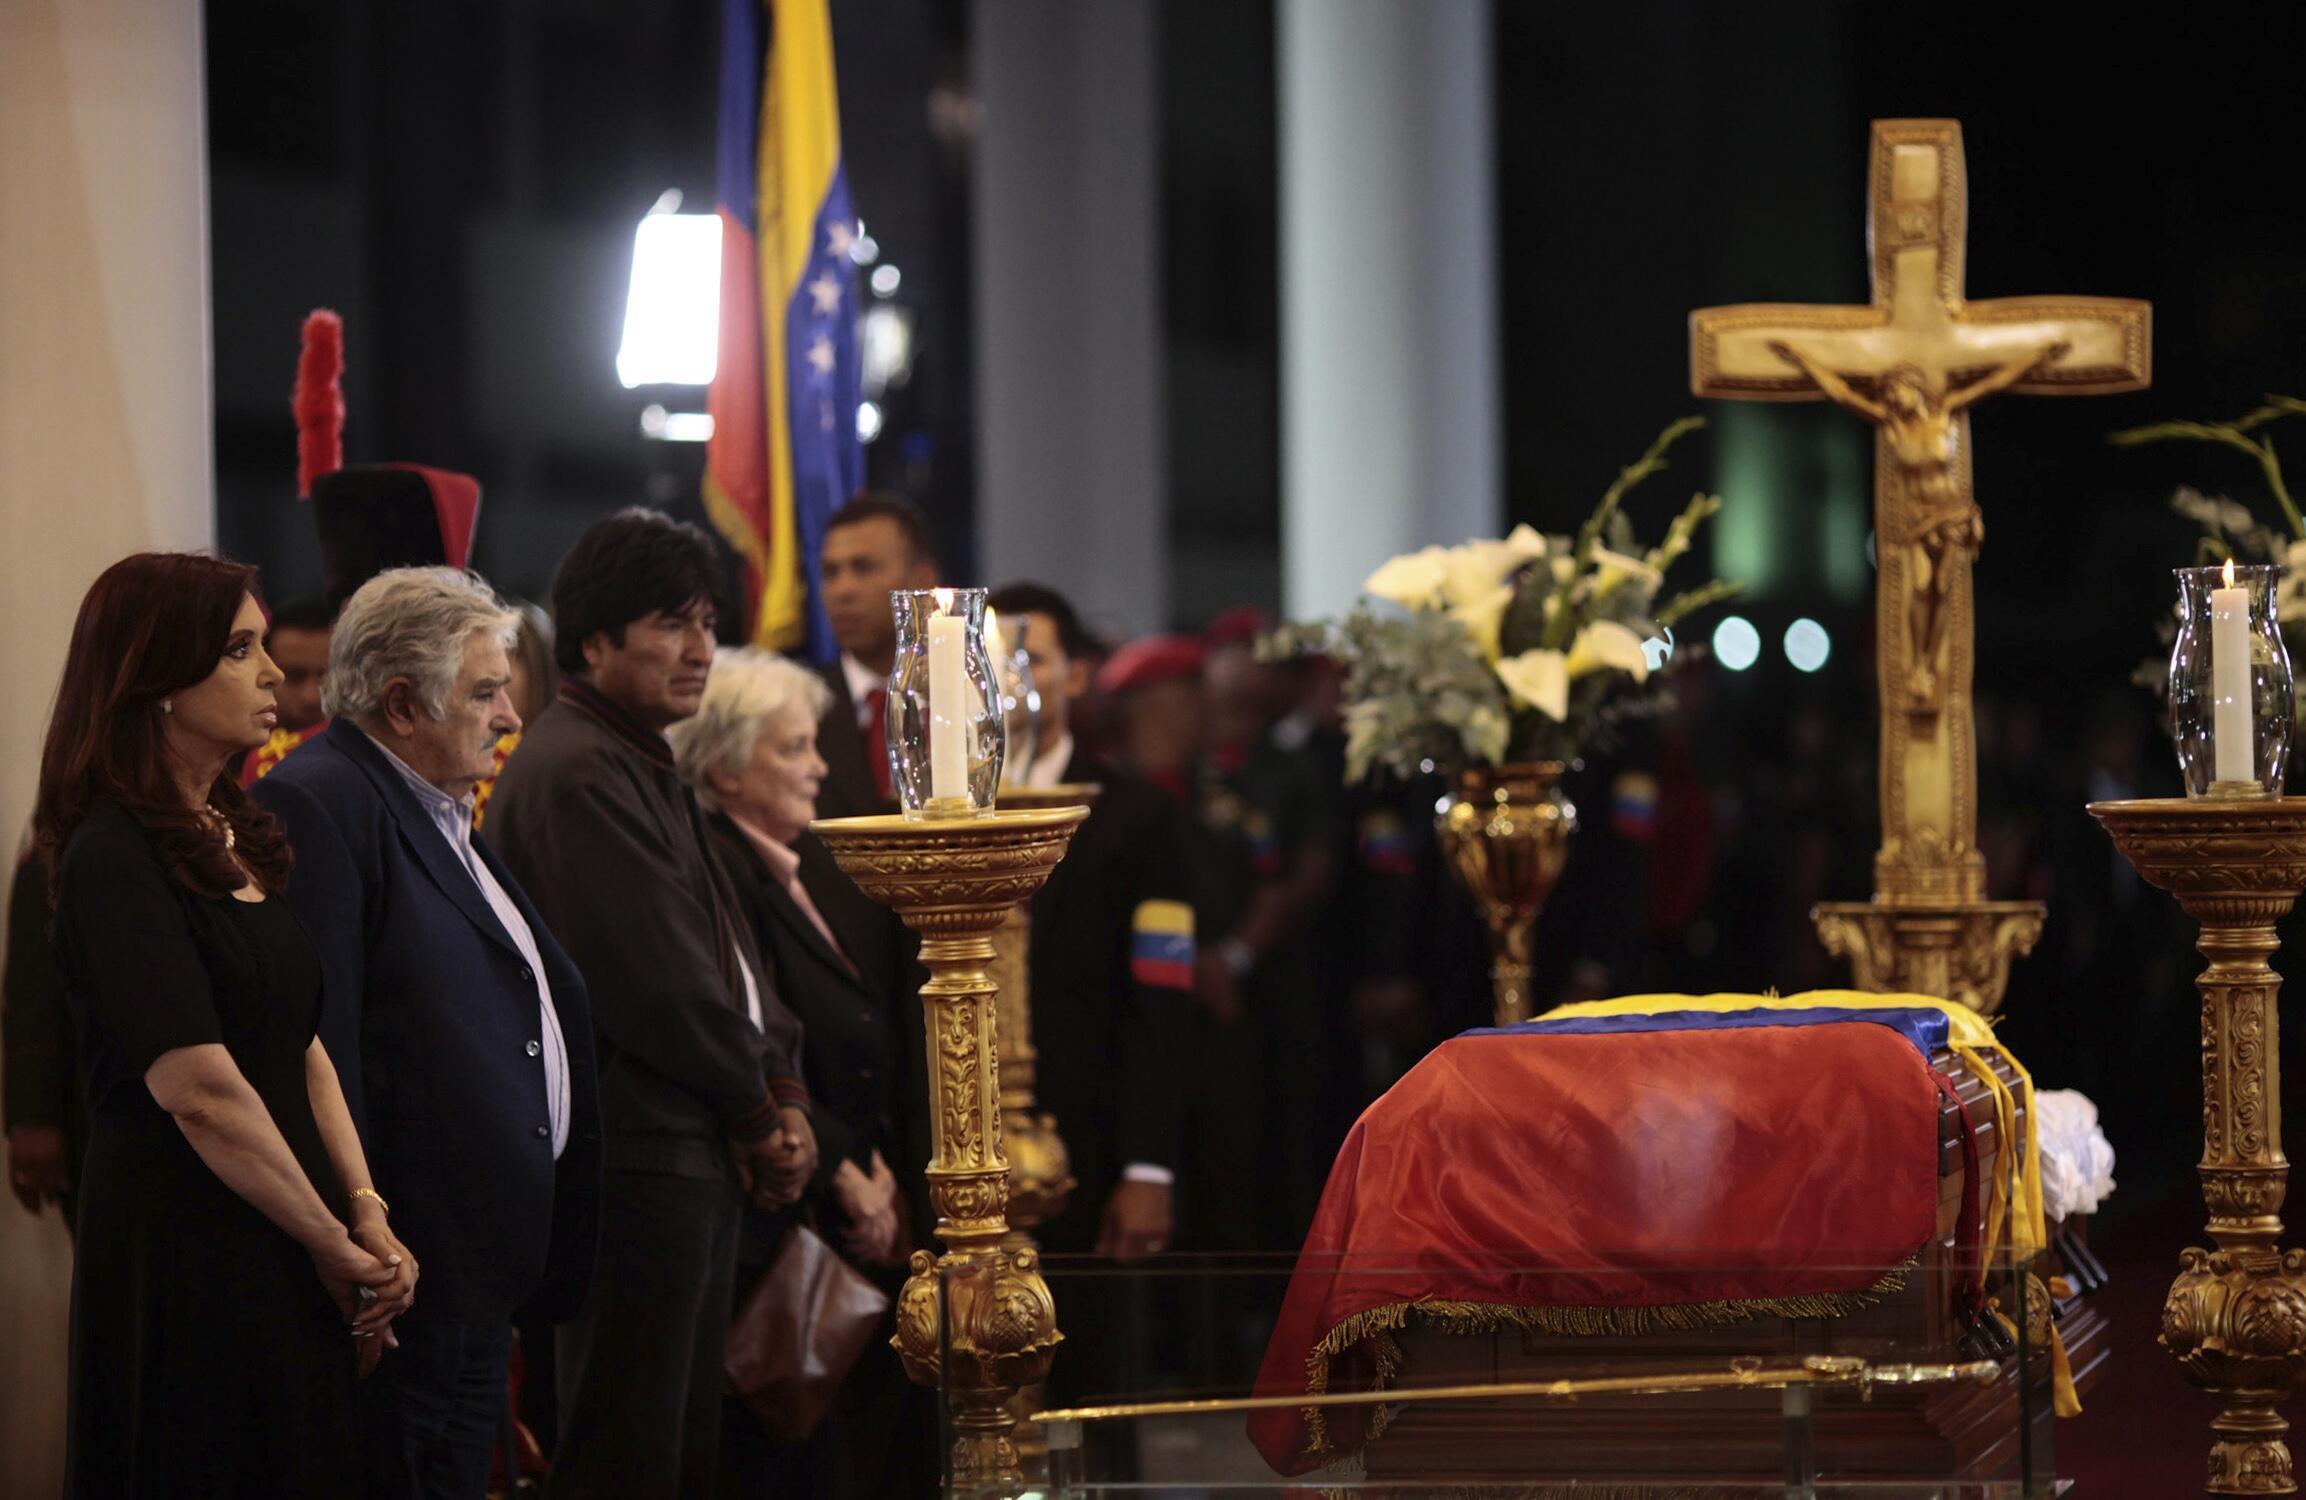 Os presidentes Cristina Kirchner, da Argentina, José Mujica, do Uruguai, e Evo Morales, da Bolívia, estiveram presentes no funeral de Hugo Chávez, em Caracas.